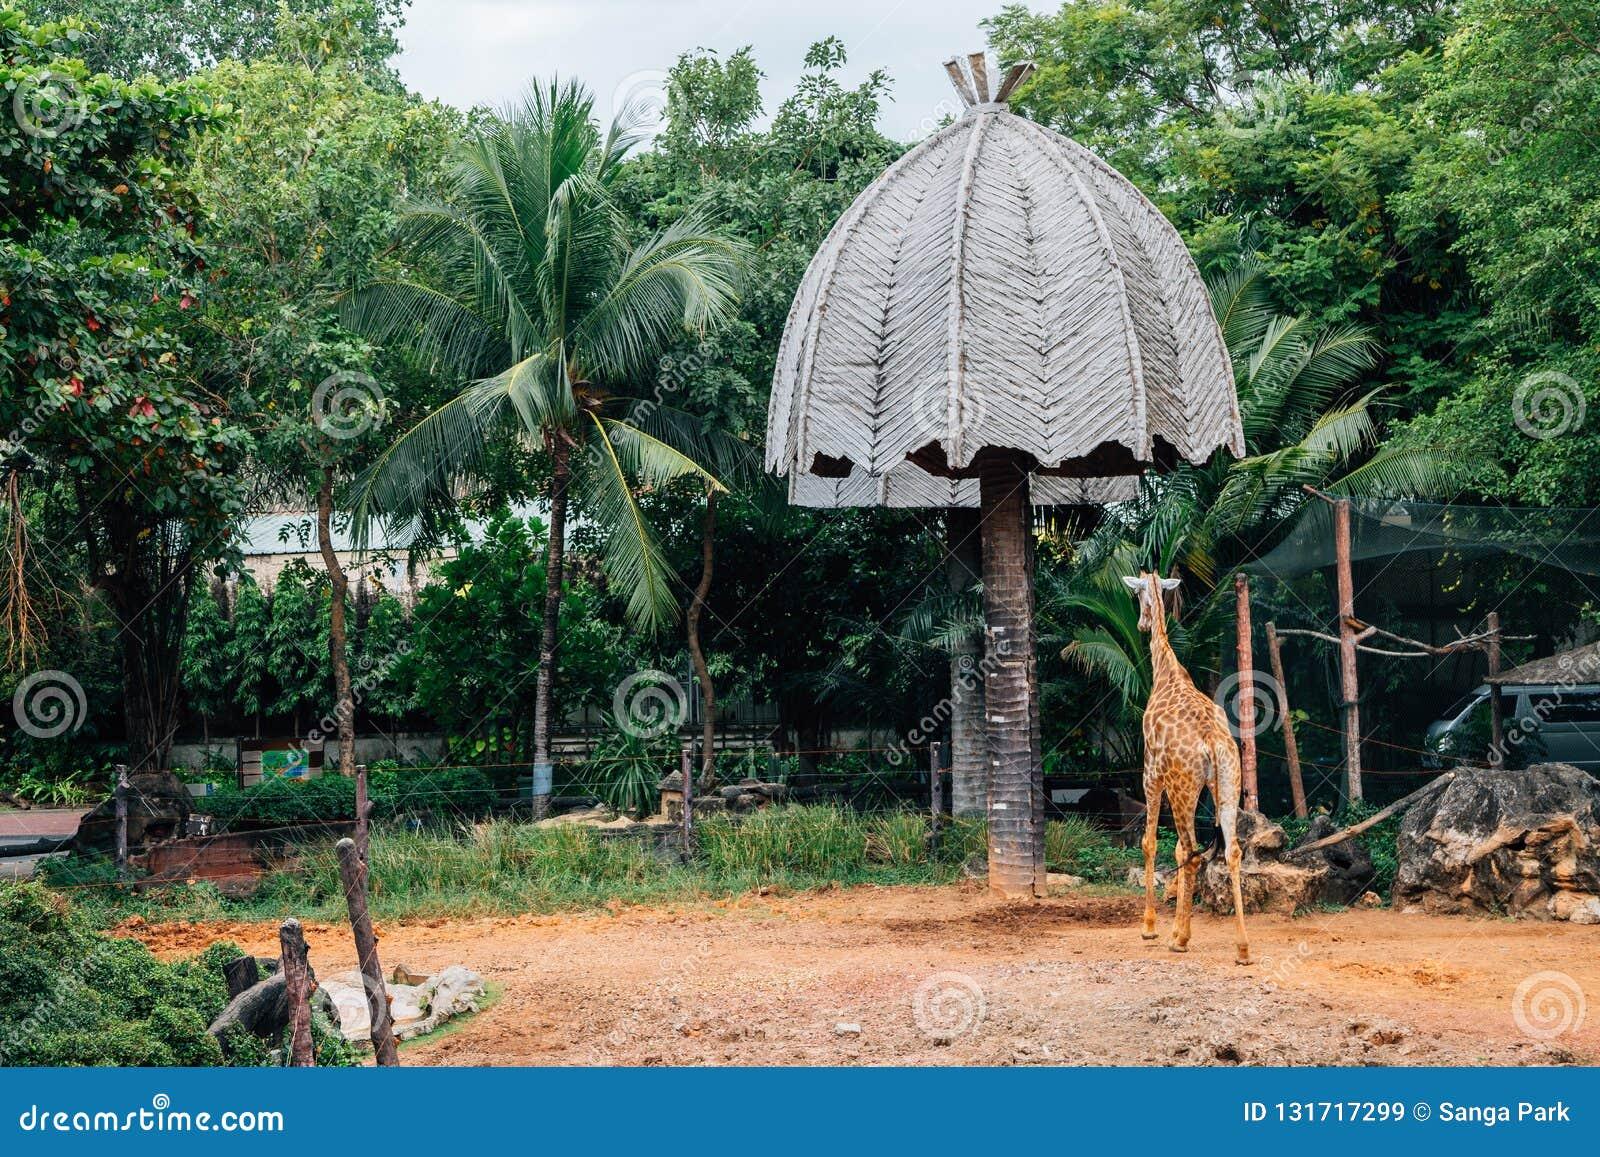 Giraffe στο ζωολογικό κήπο Dusit στη Μπανγκόκ, Ταϊλάνδη